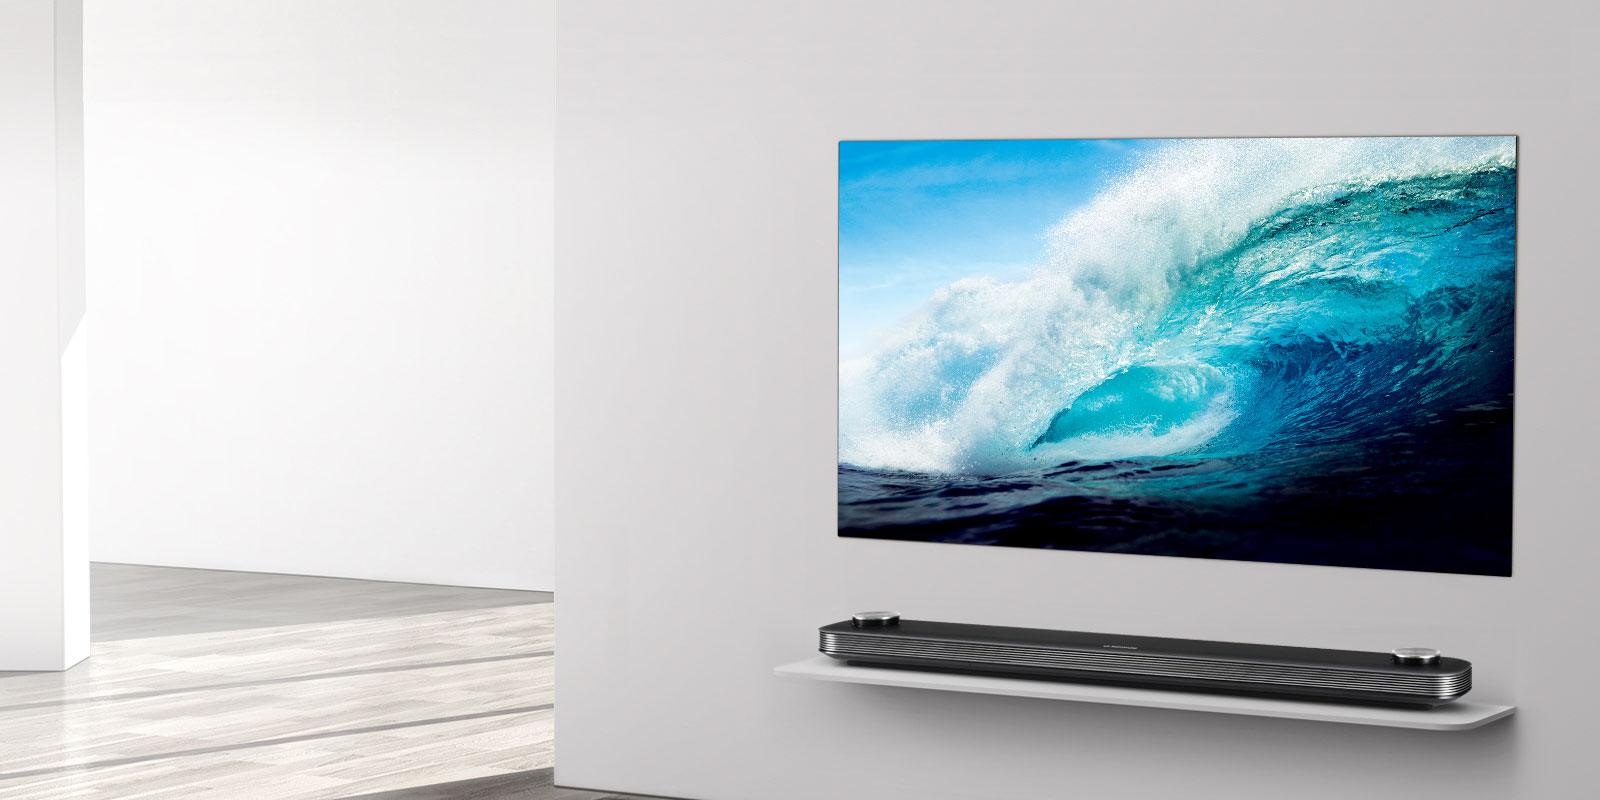 Los nuevos televisores de LG van de los 20,000 a los 800,000 pesos